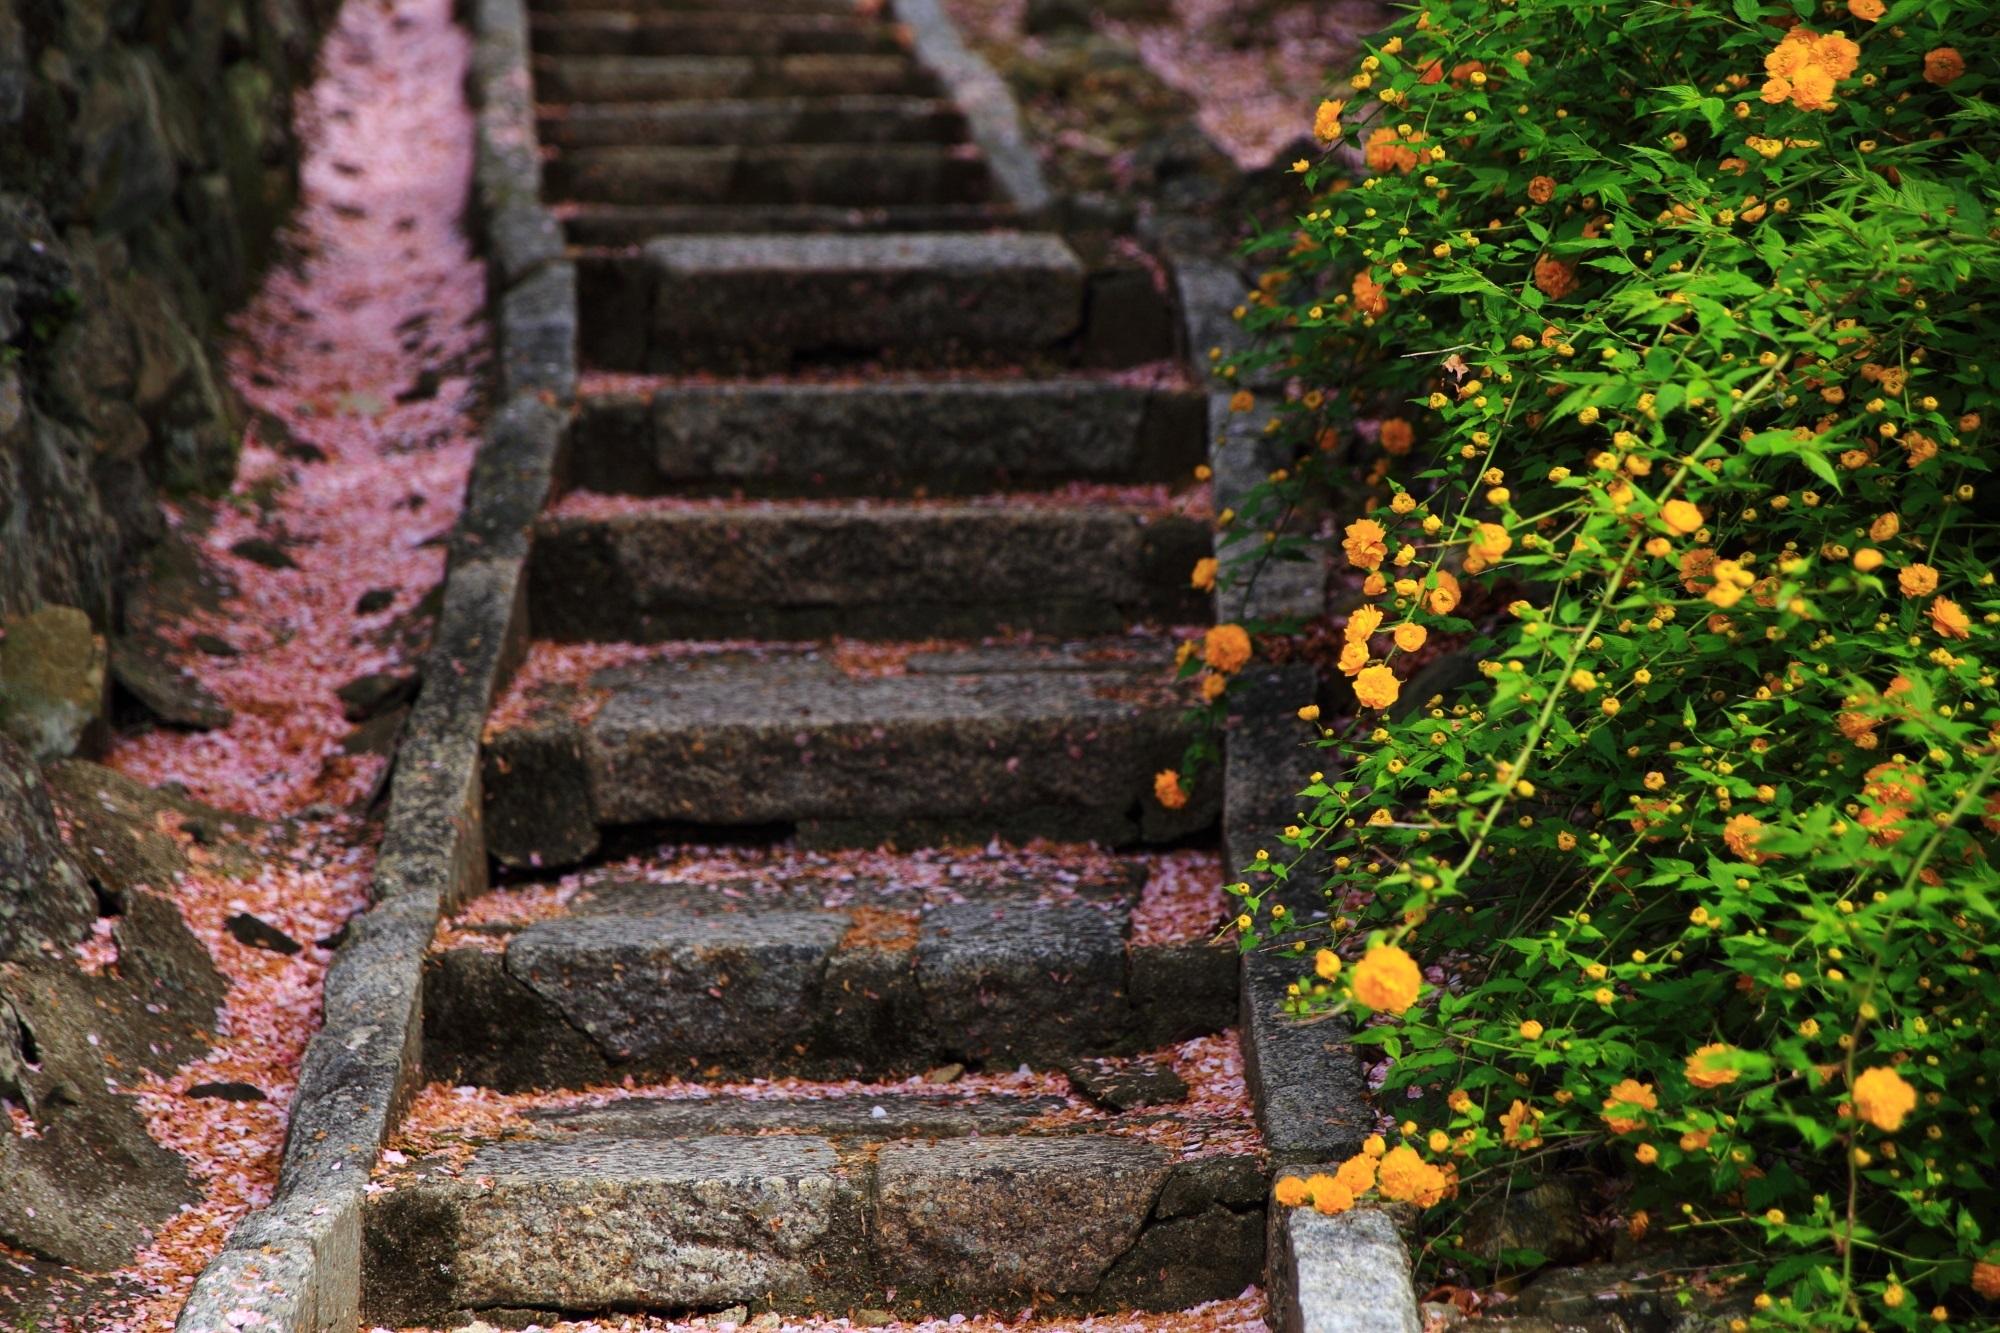 桜から山吹への季節の移り変わりが感じられる願徳寺(がんとくじ)